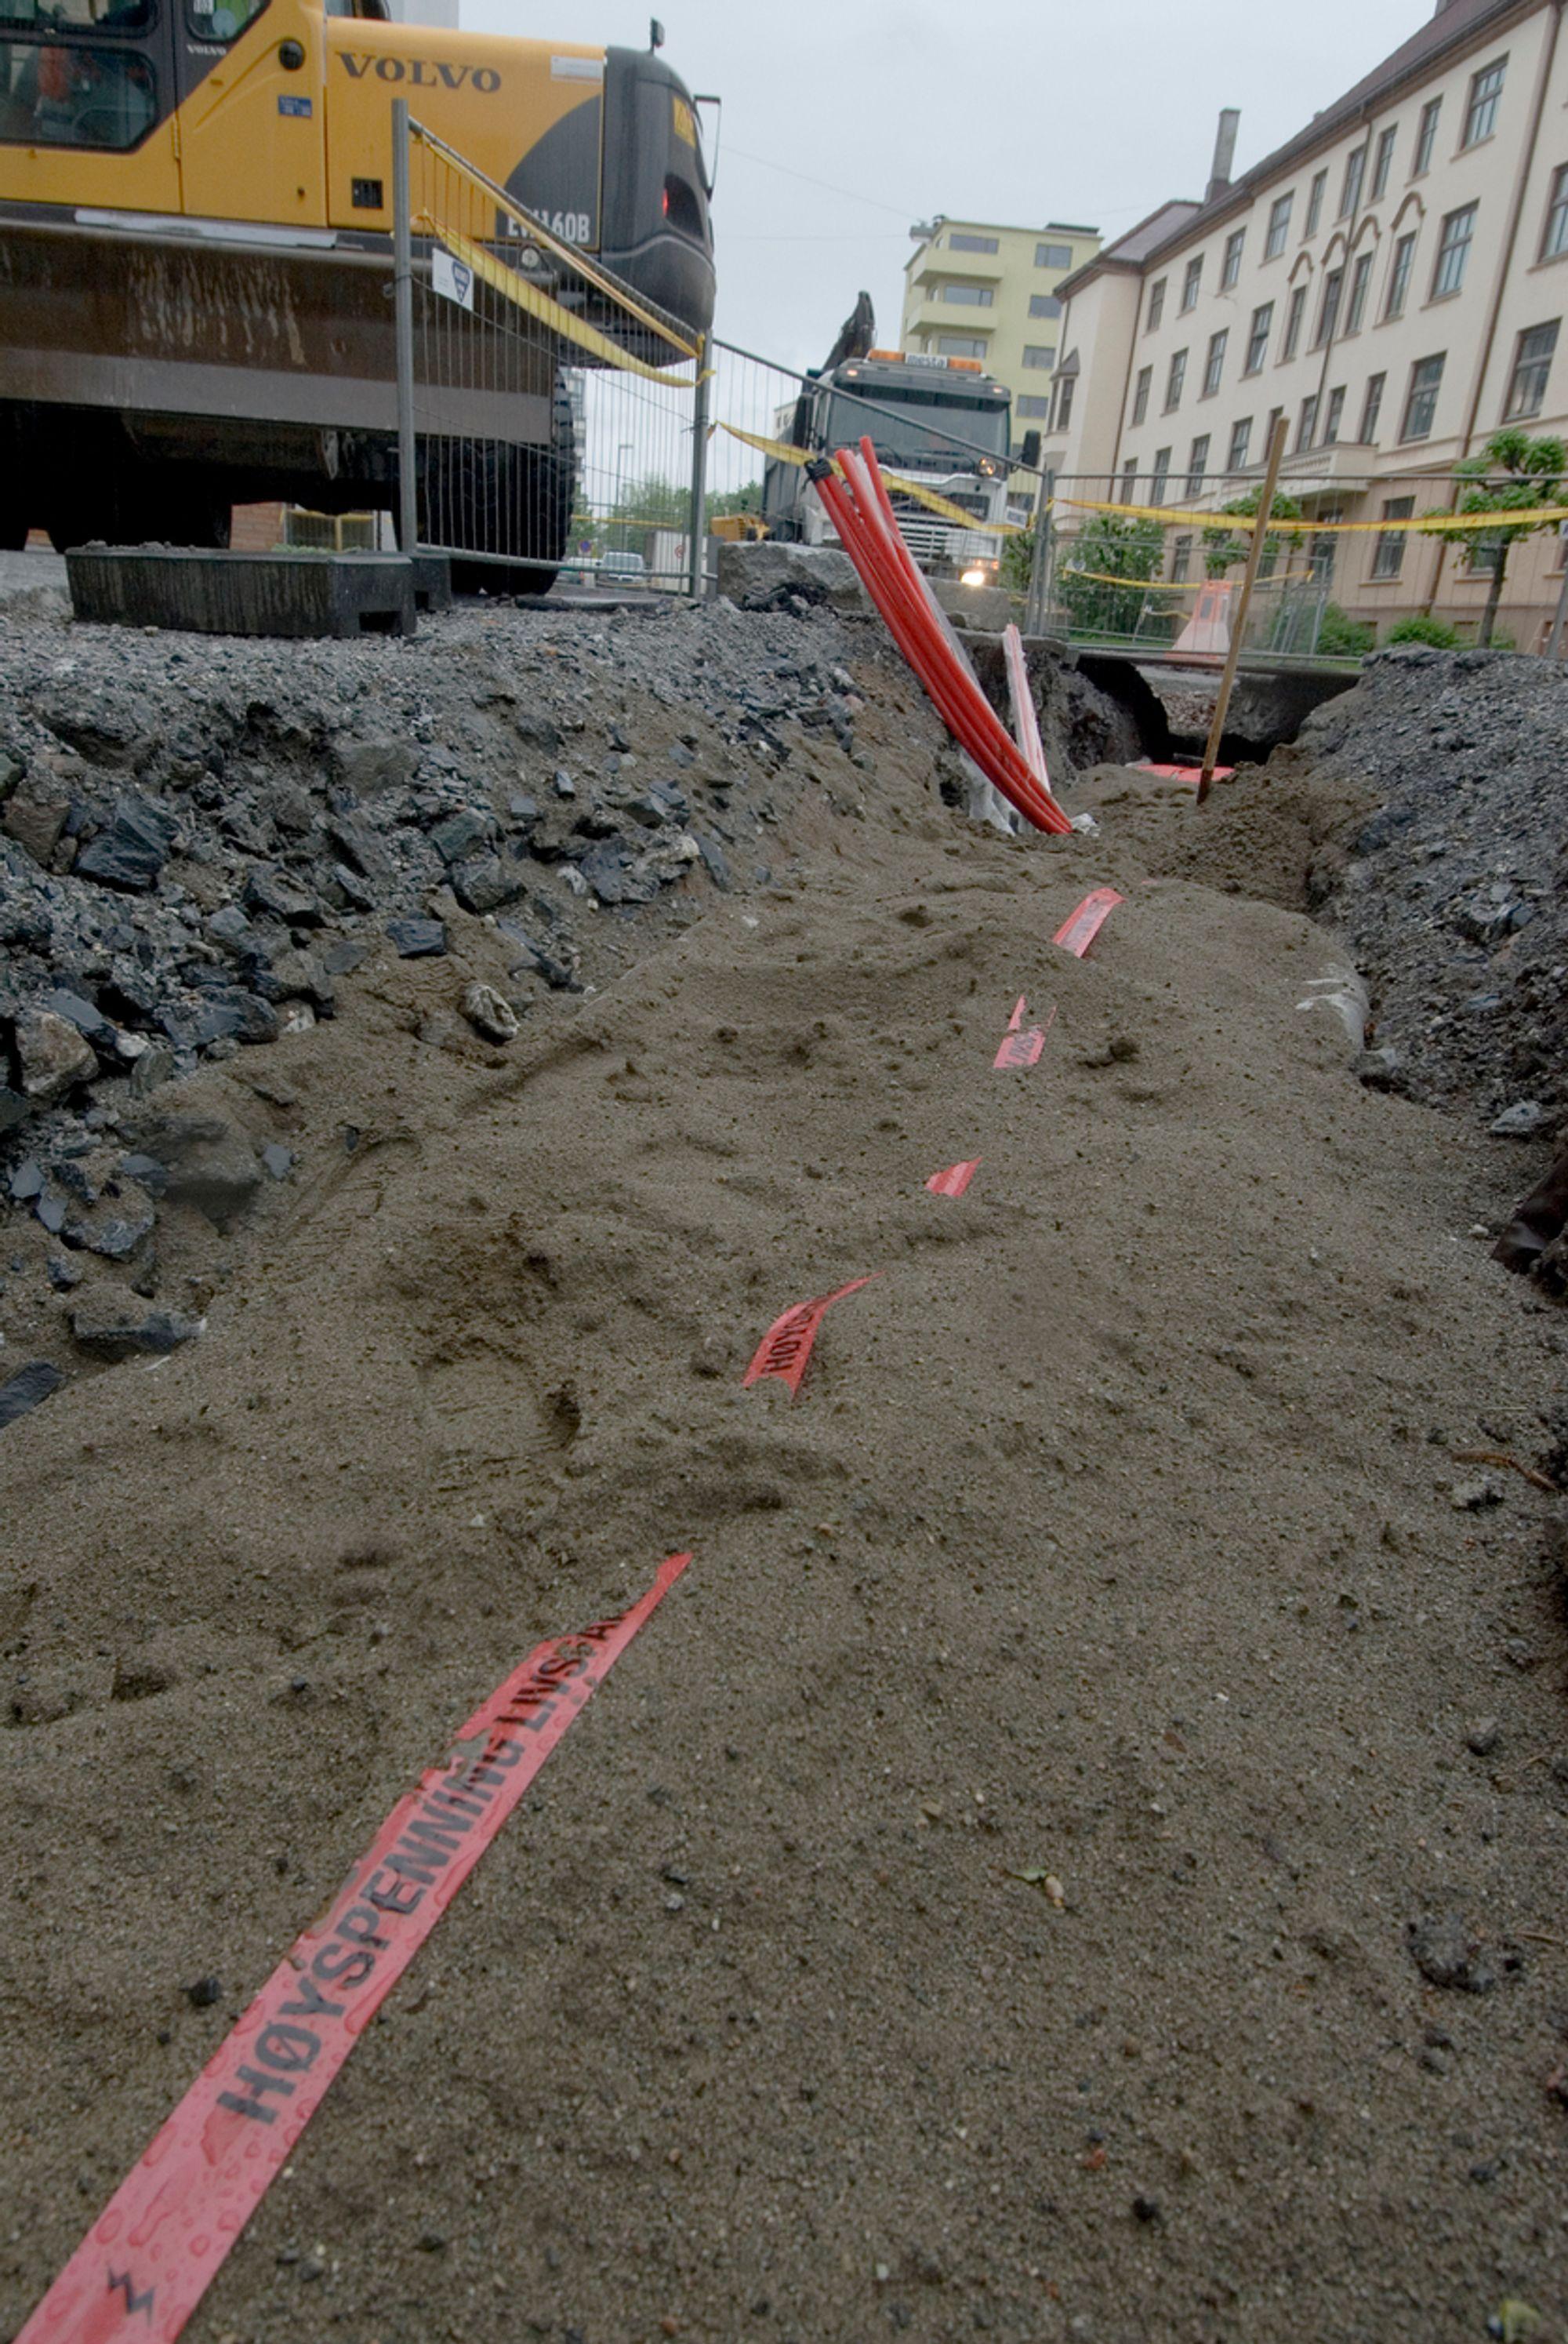 Ny: Hafslund Nett graver for tiden ned en ny kraftkabel  på Majorstua i Oslo. Strømnettet i de store byene er modne for utskifting. Ifølge DSB kan manglende vedlikehold betyr fare for liv og helse.